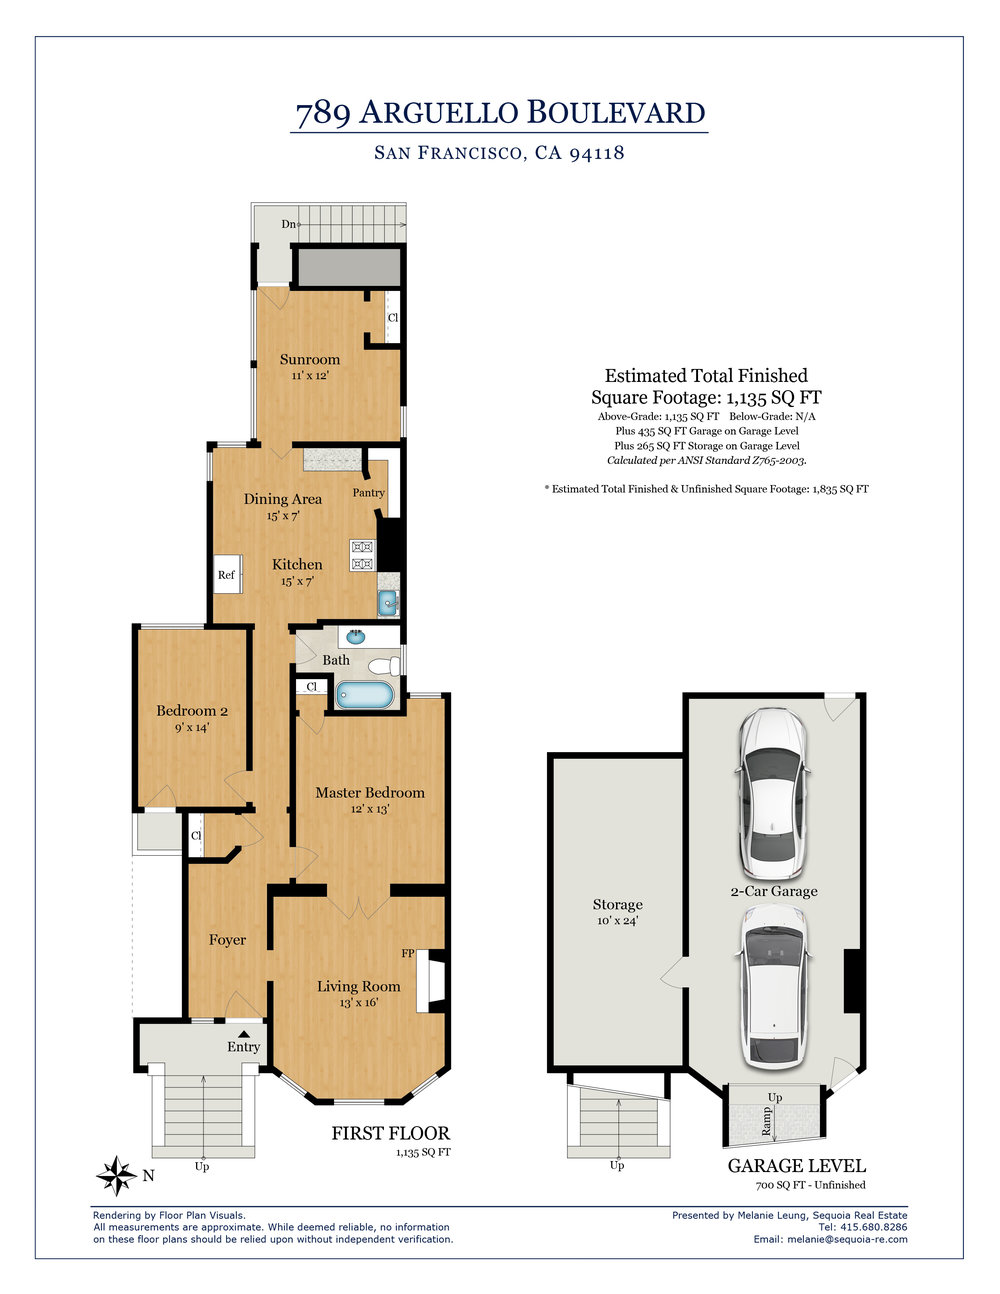 ML-789ArguelloBlvd-FloorPlan-Print-R2.jpg